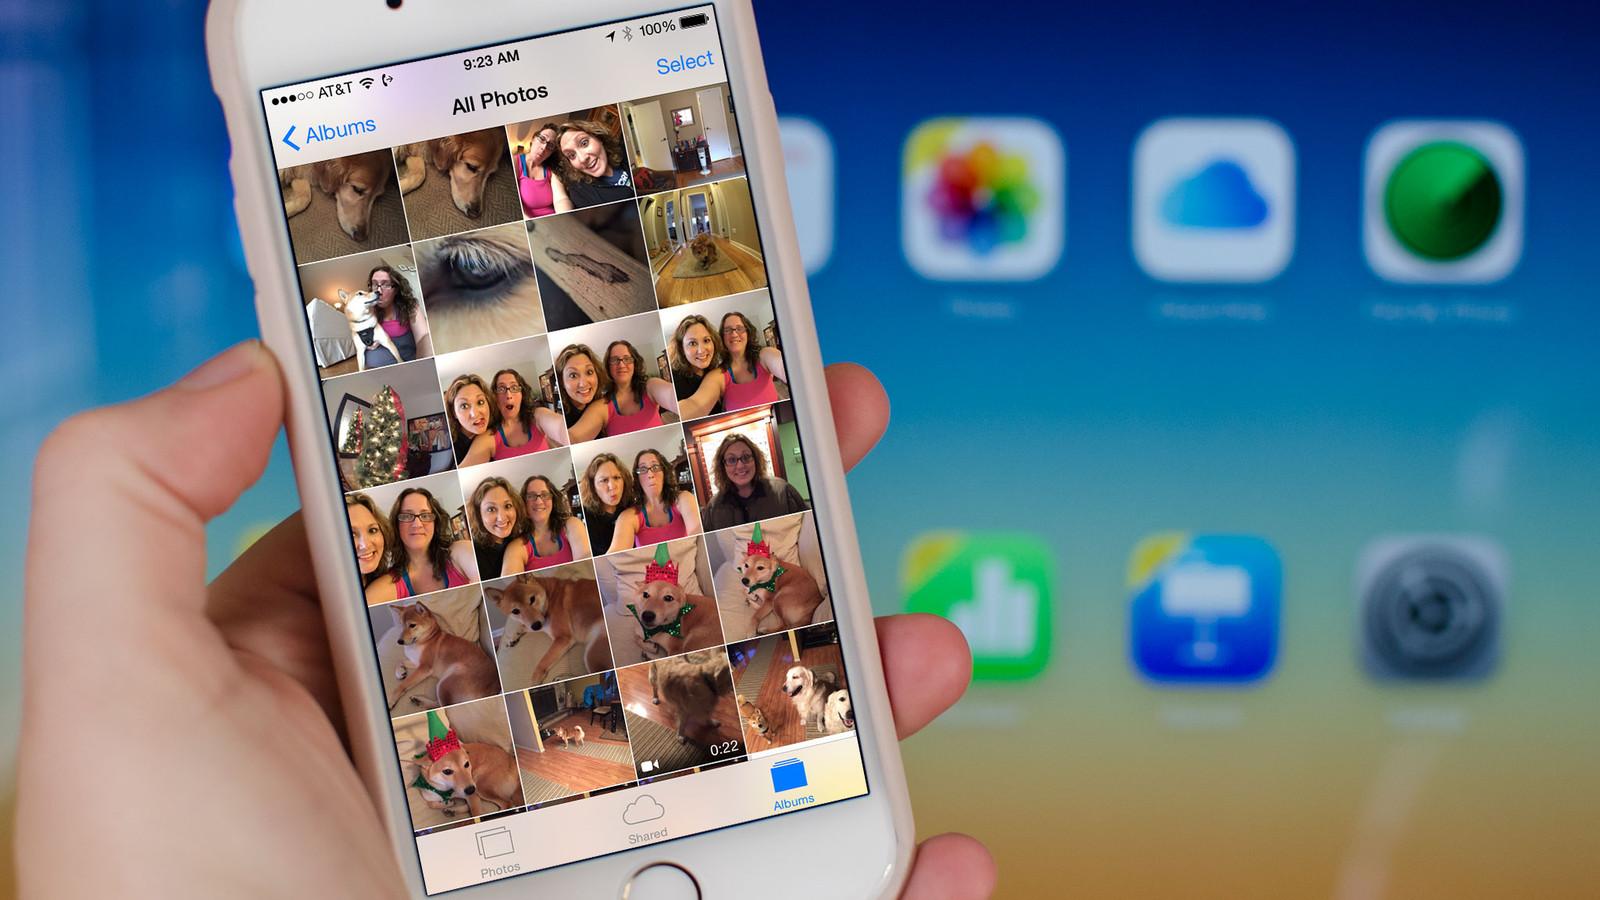 Фотогалерея в iOS 5 находится под угрозой